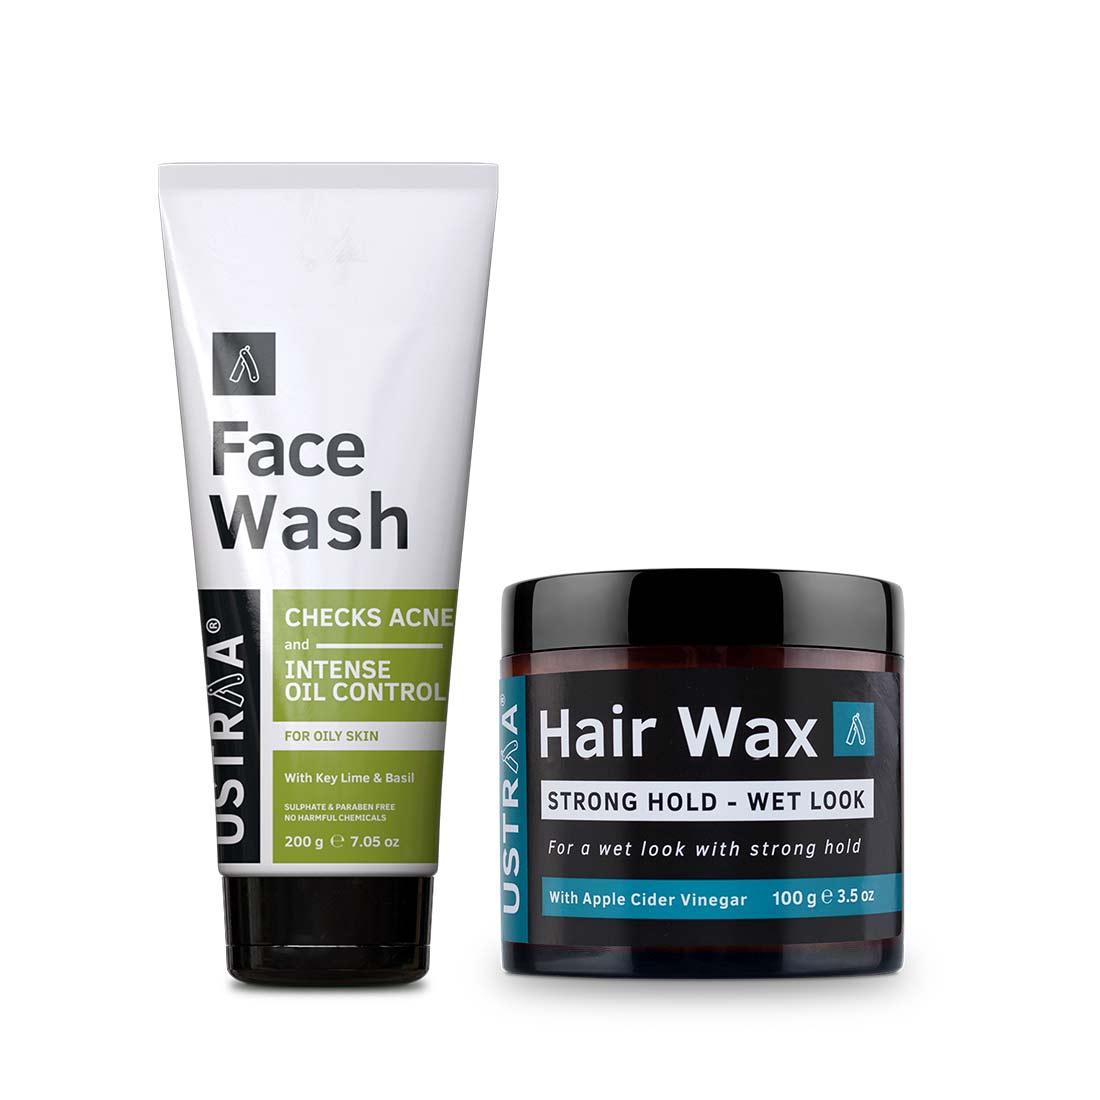 Ustraa | Ustraa Hair Wax Wet look 100 g & Face Wash- Oily Skin 200 g